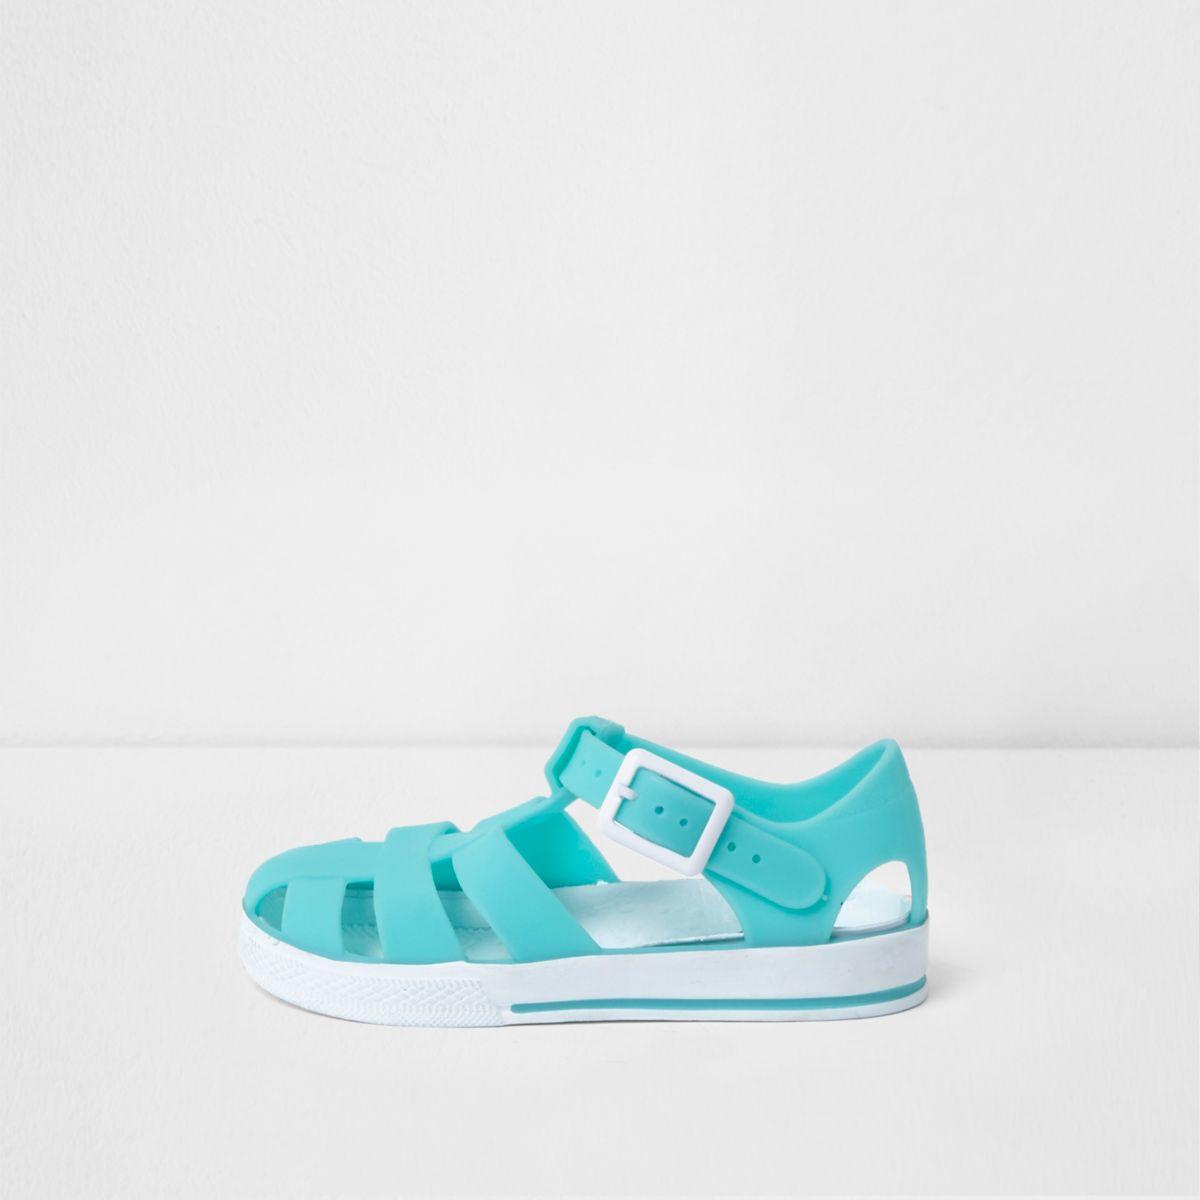 Sandales en plastique bleu vif effet cage mini enfant